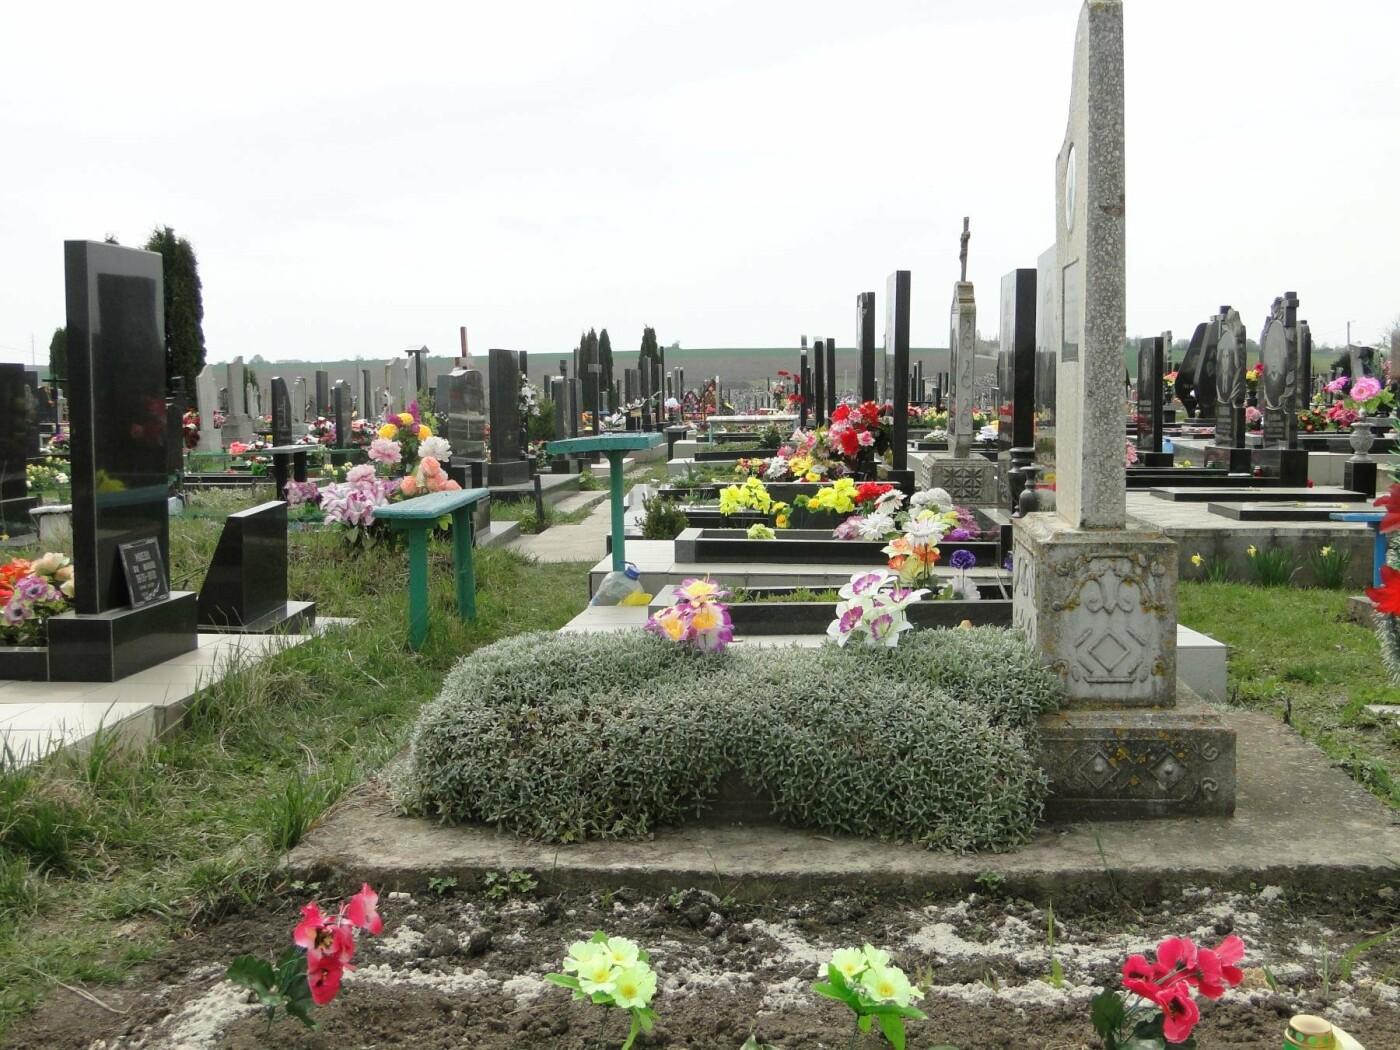 Вшанувати мертвих пам'ятаючи про живих: як виглядає хмельницьке кладовище після провідної неділі. ФОТО, фото-5